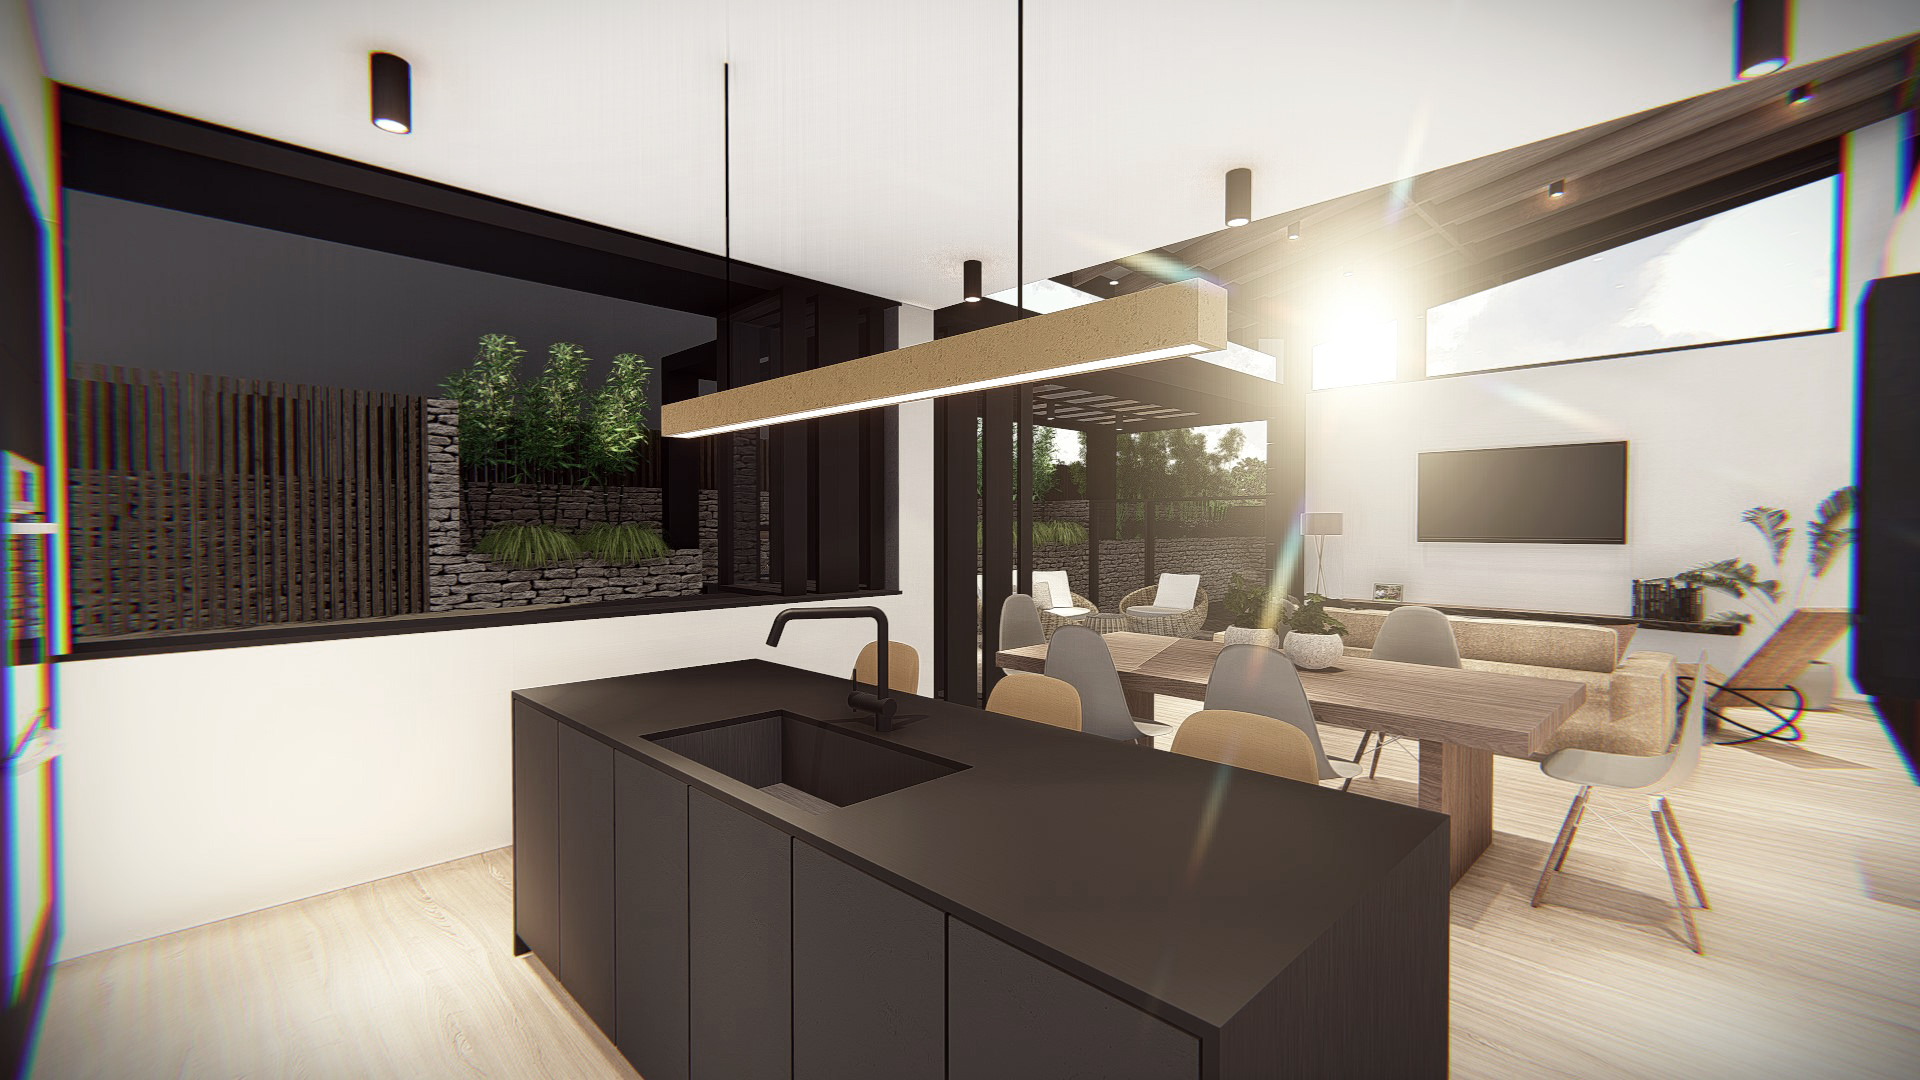 Interior_D.jpg